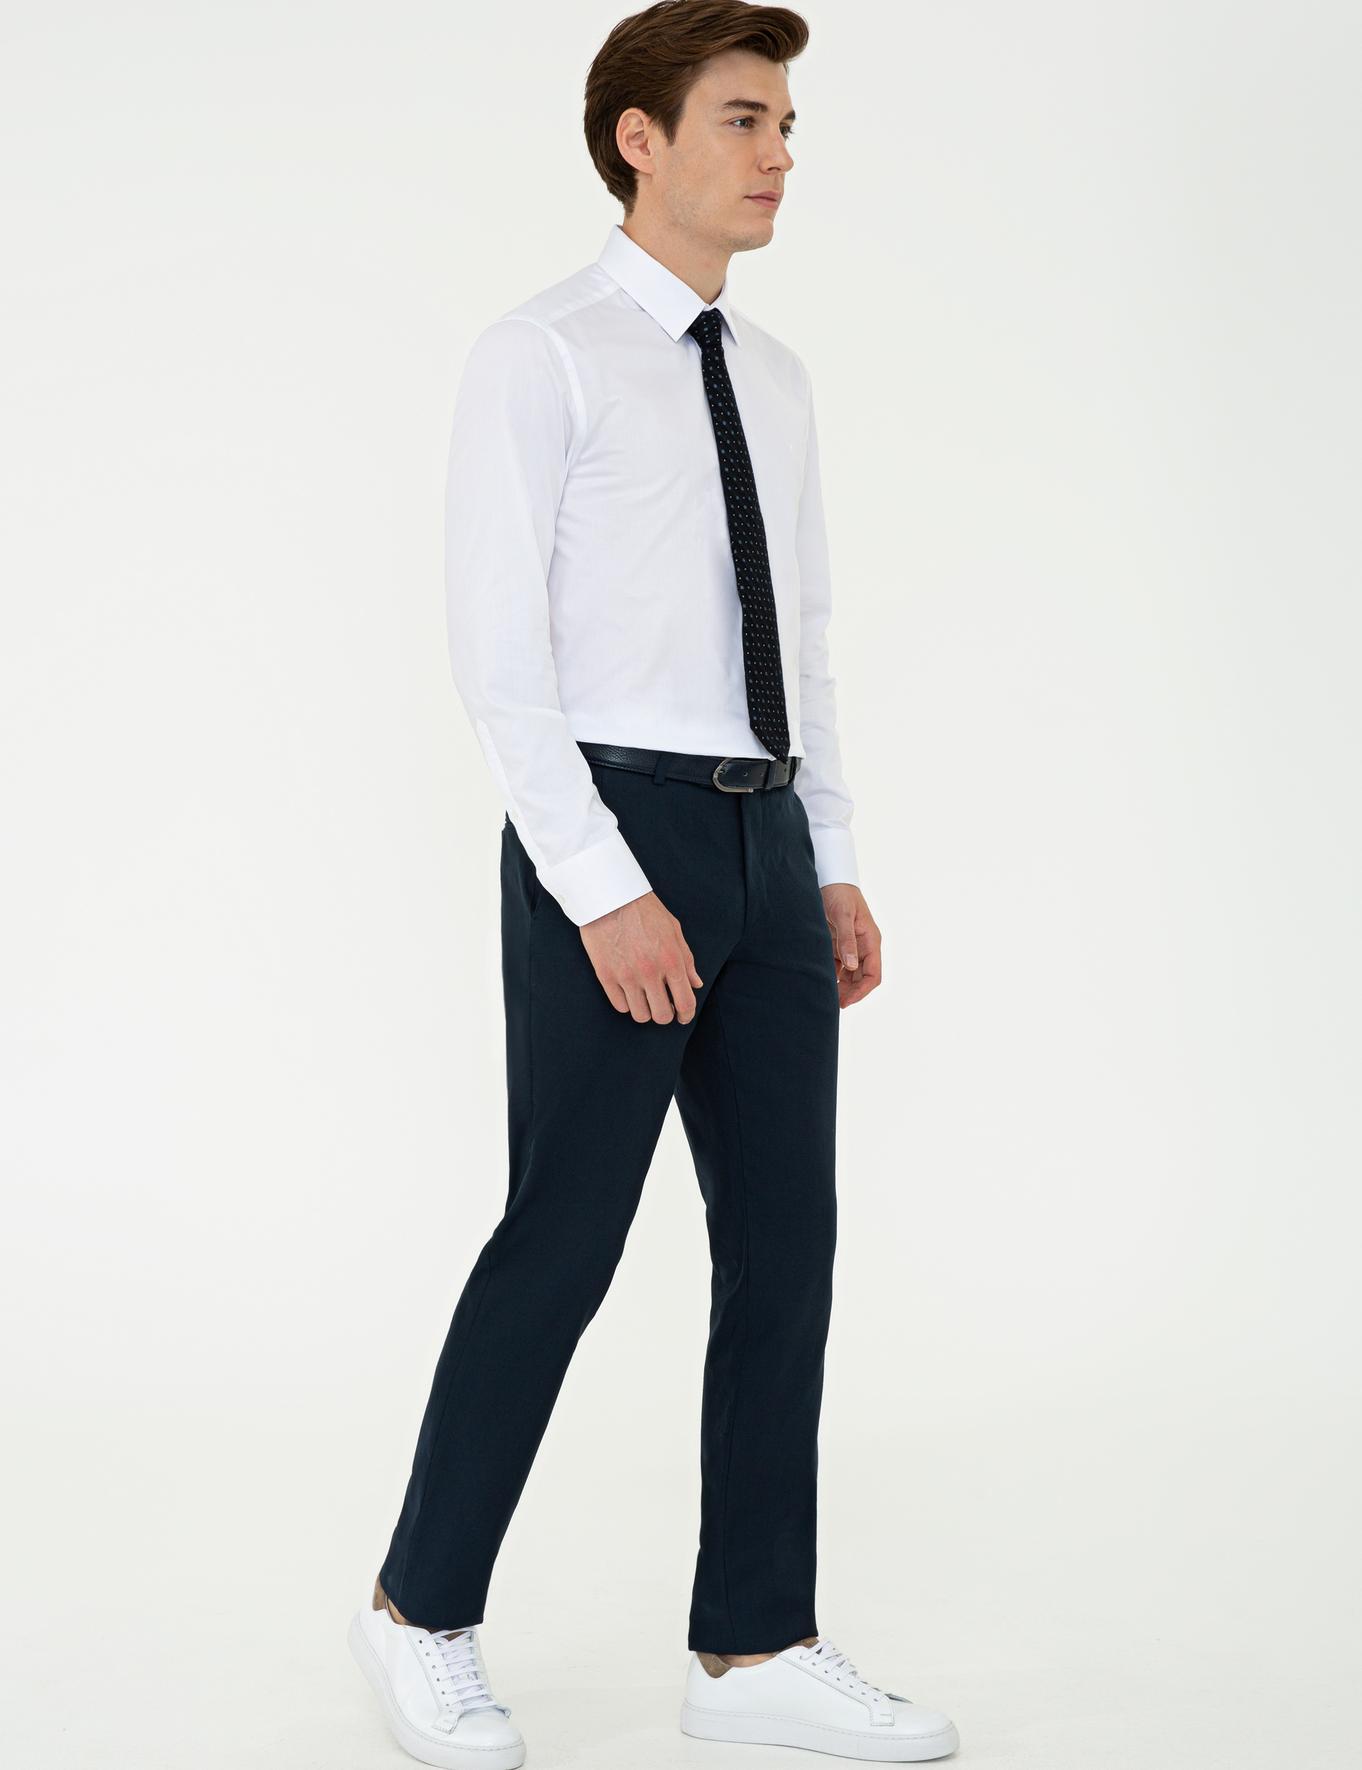 Lacivert Slim Fit Pantolon - 50235806027